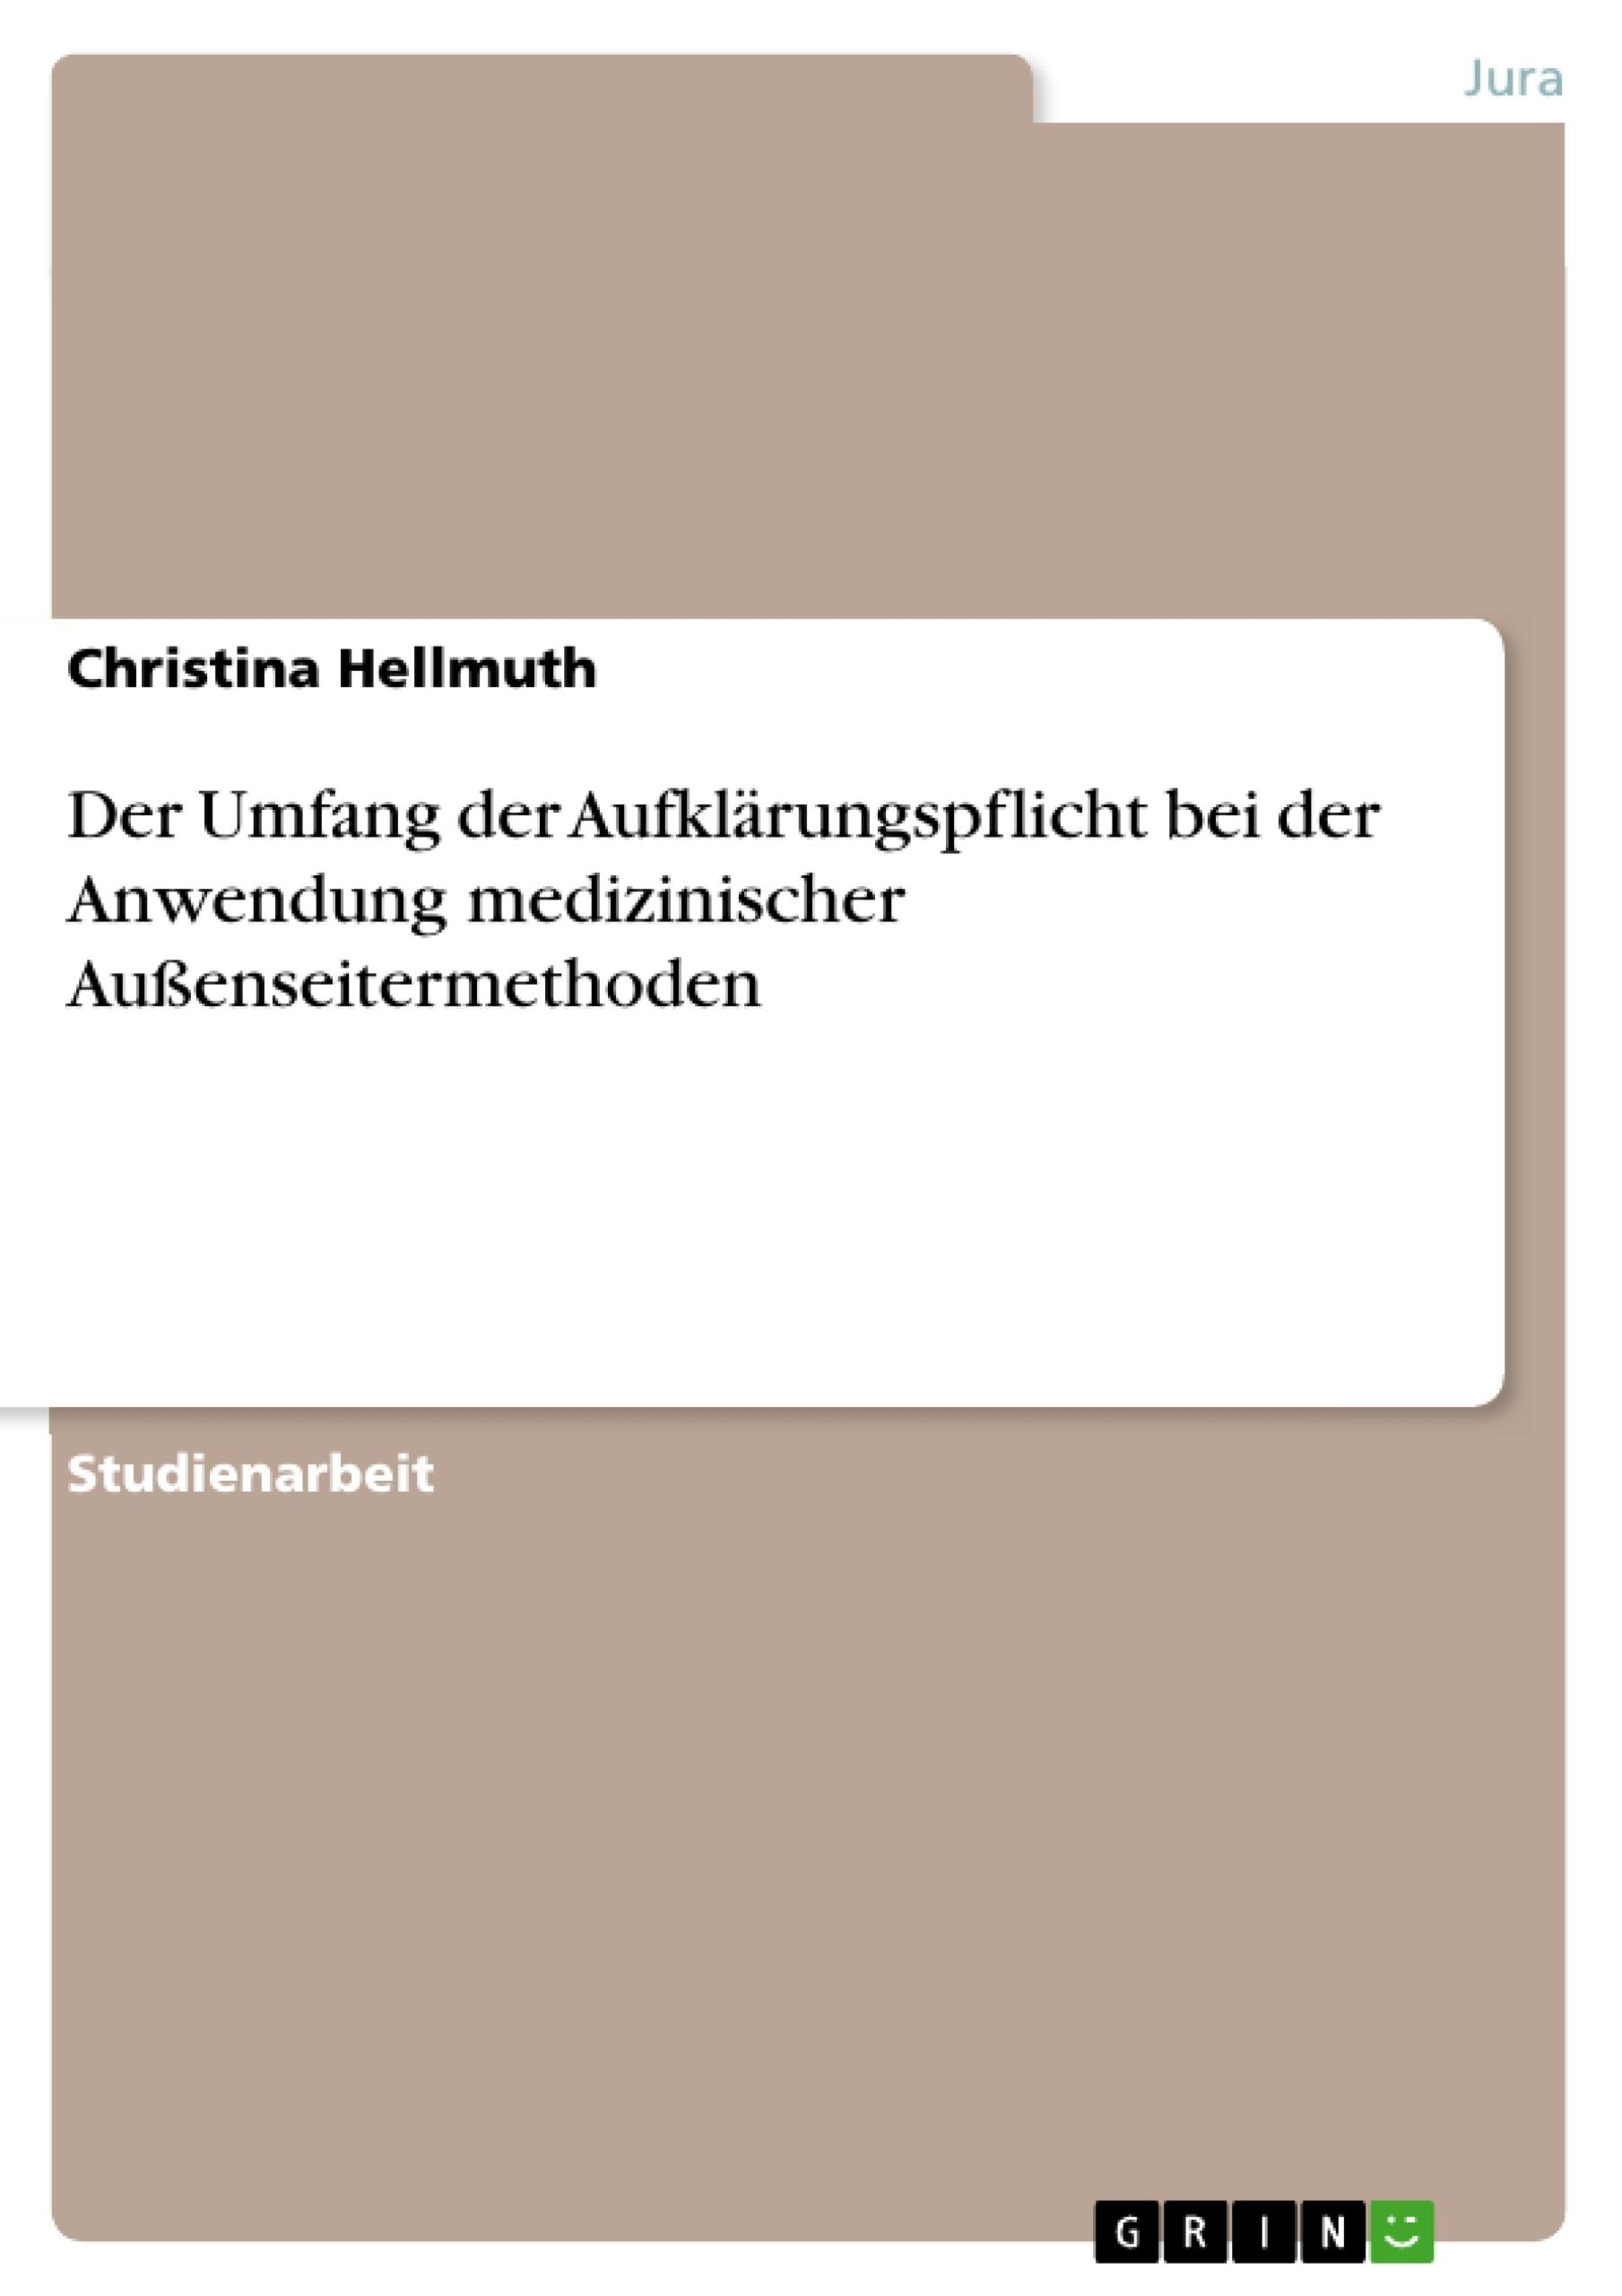 Titel: Der Umfang der Aufklärungspflicht bei der Anwendung medizinischer Außenseitermethoden